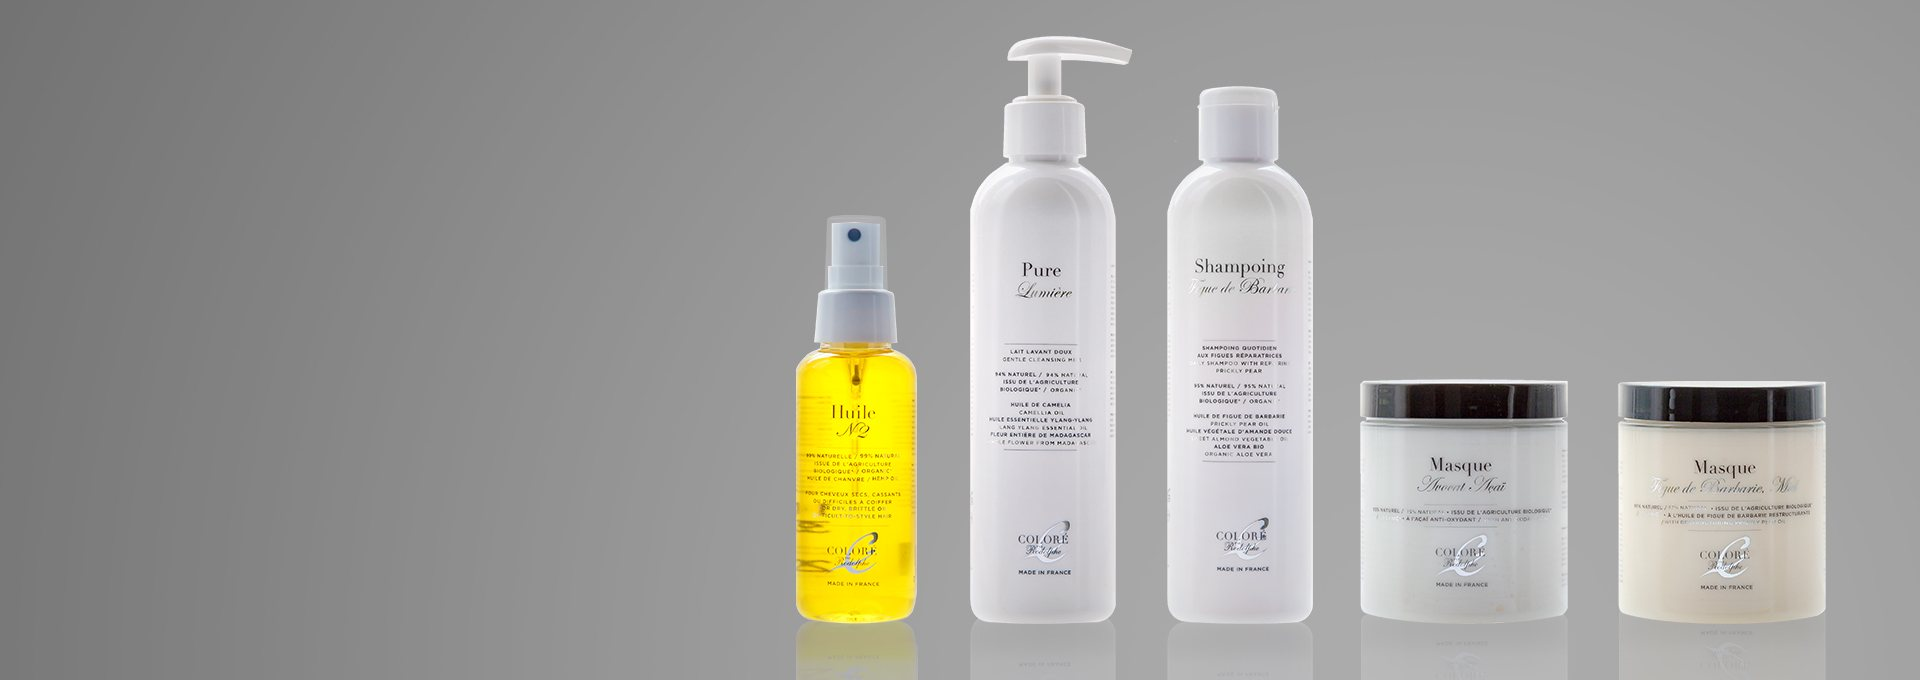 Soigner les cheveux colorés, secs ou fragilisés